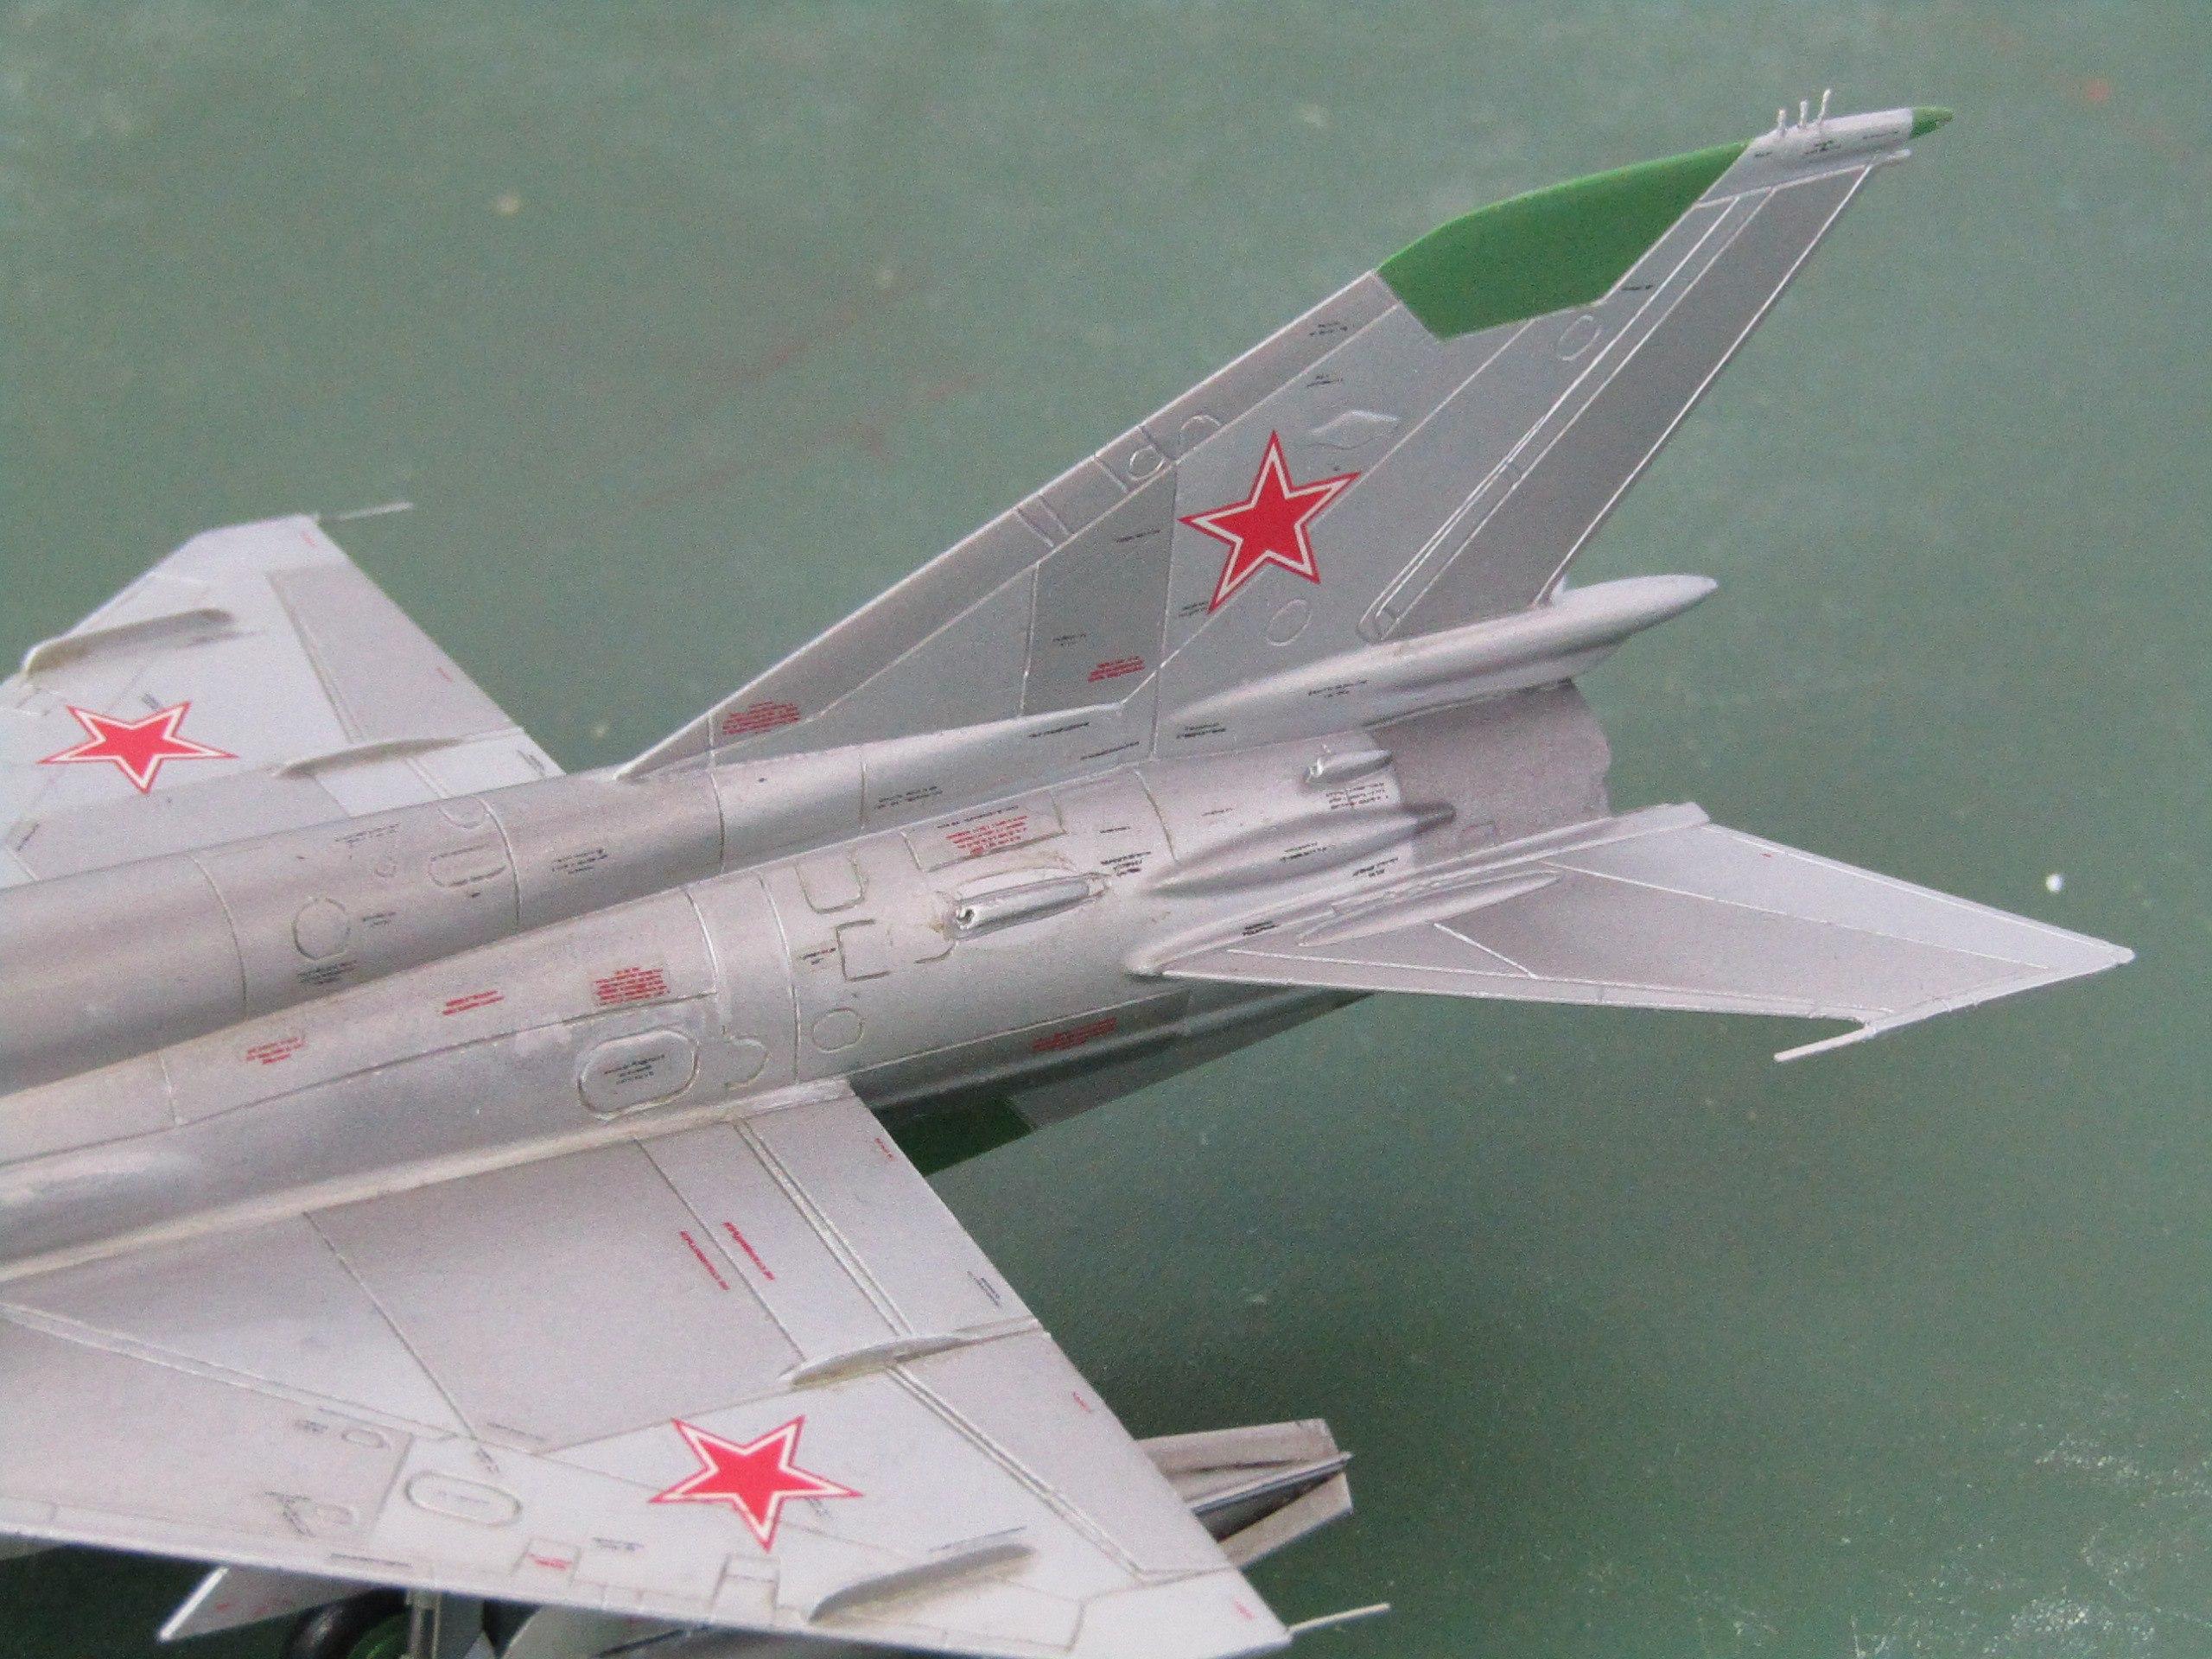 МиГ-21БИС 1/72 (Звезда) 3-sYbvaSwfQ